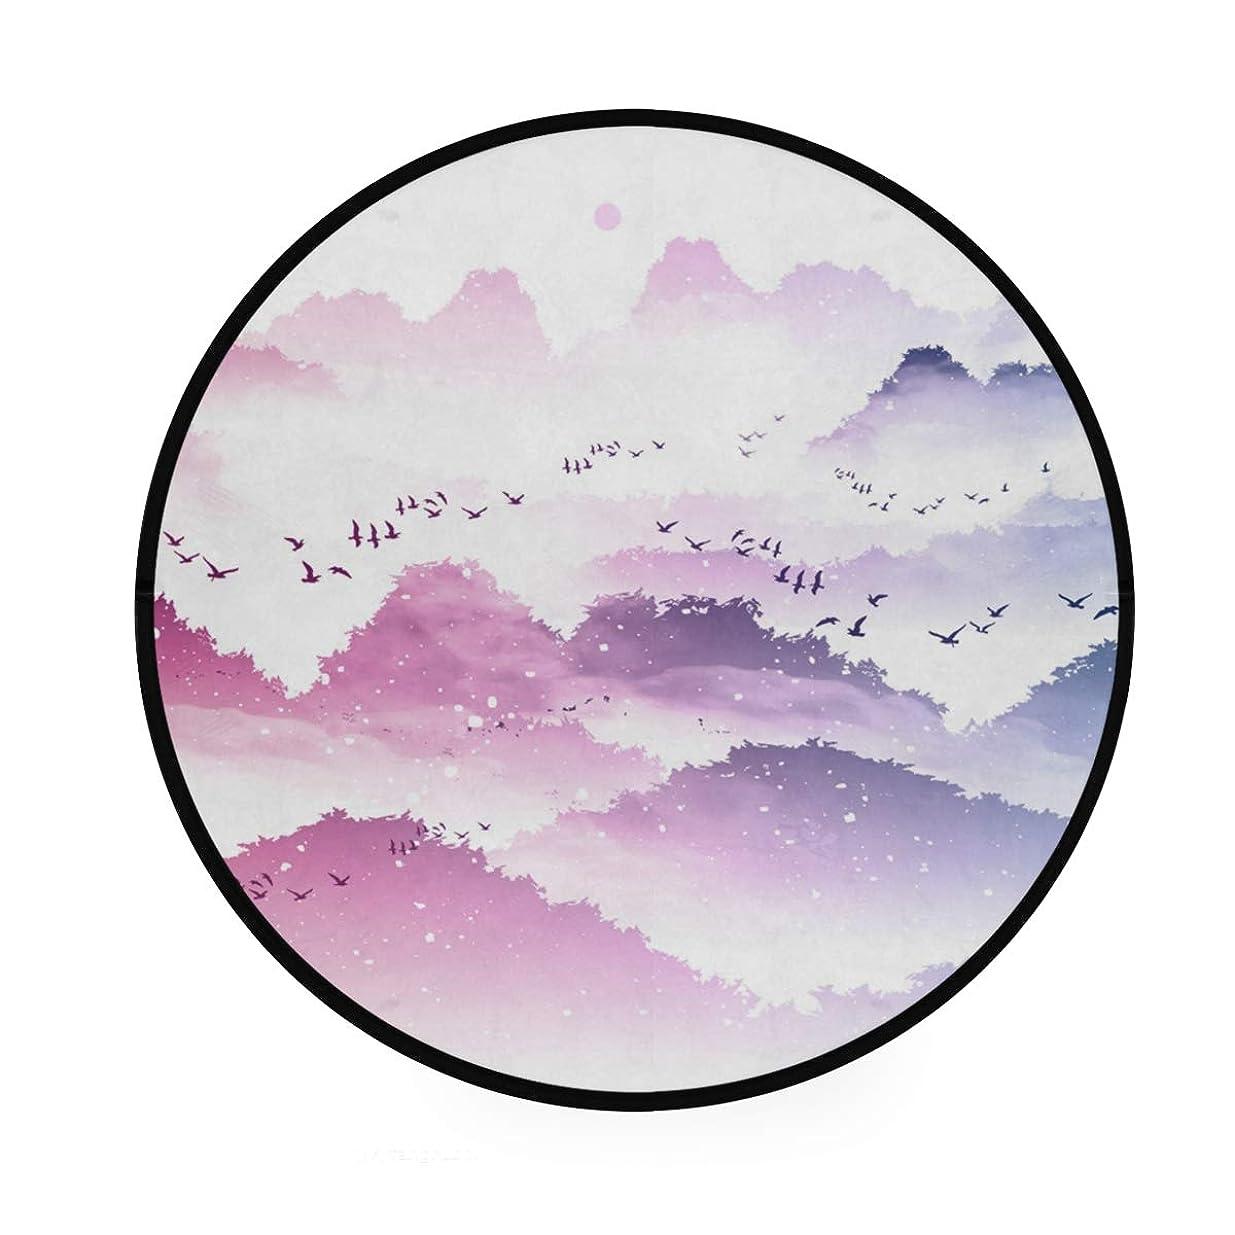 まぶしさドラマ湿度カオリヤ フロアマット 山柄 風景柄 自然柄 直径92cm 円形 マルチカラー センターラグ チェアマット インテリアマット 和風 中国風 中華風